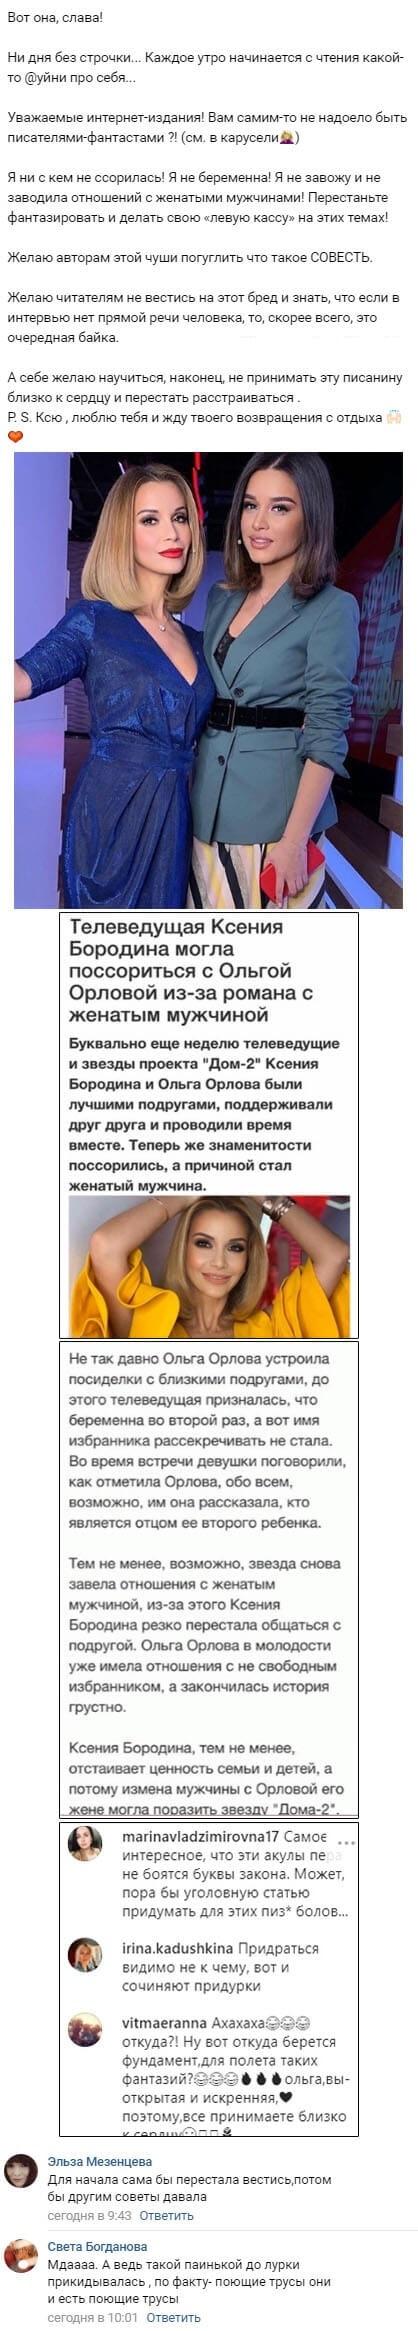 Ольге Орловой приписали беременность от женатого мужчины